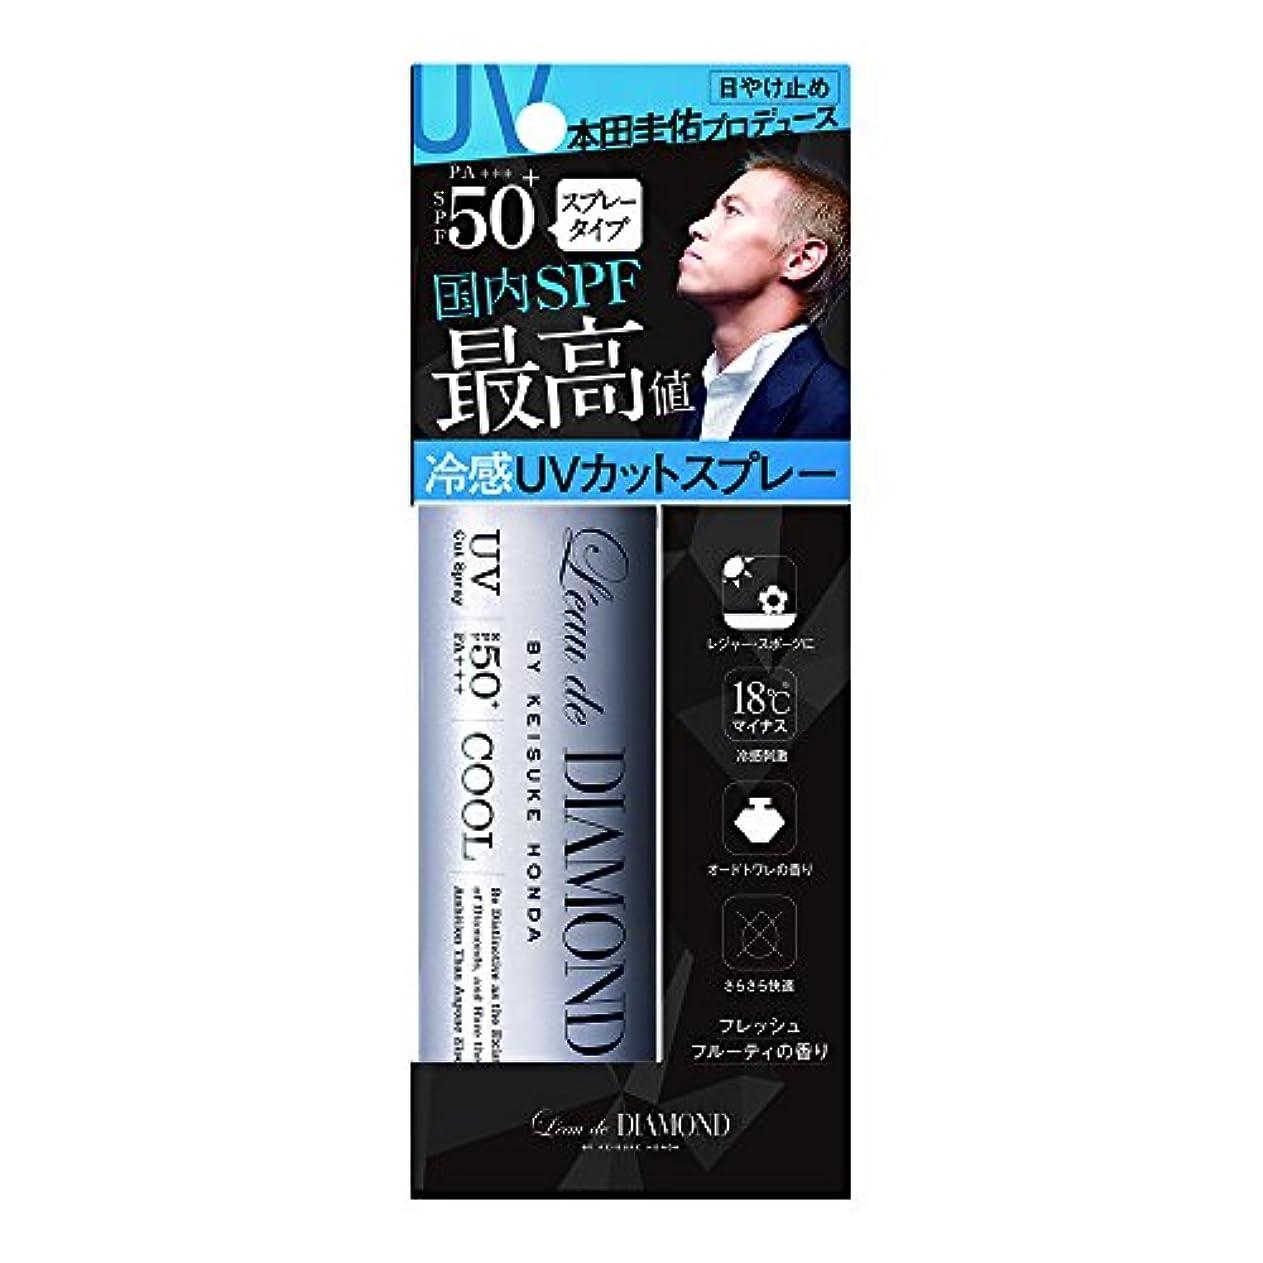 覚醒テレビパネルロードダイアモンド バイ ケイスケホンダフレグランスUVカットスプレー(To be Fresh)  60g